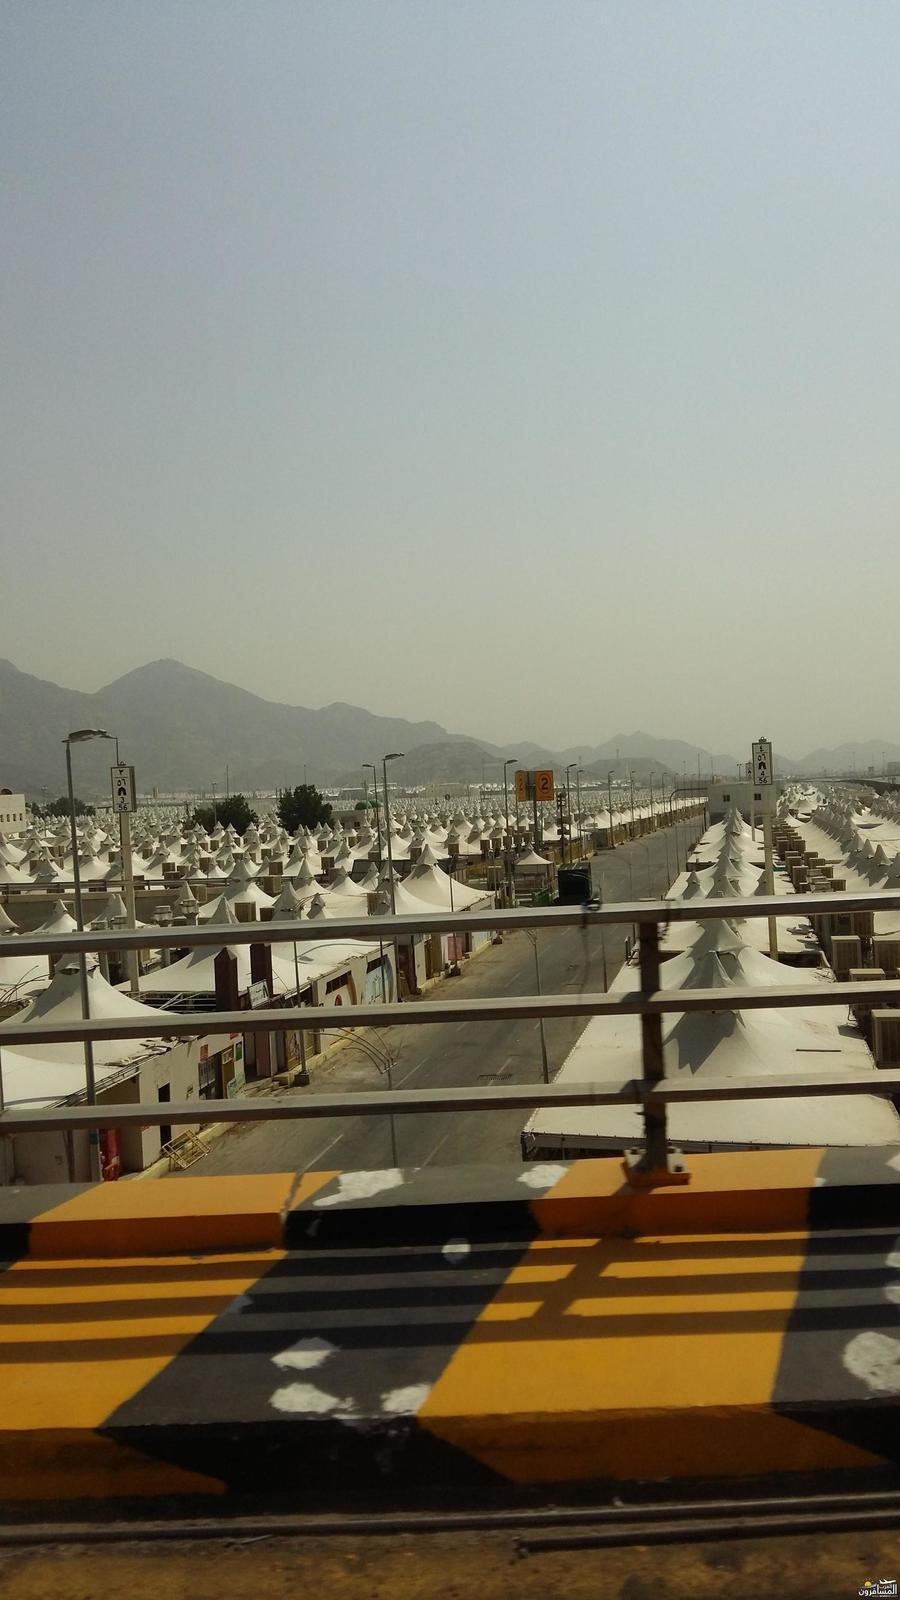 655132 المسافرون العرب نبذة عن الميقات